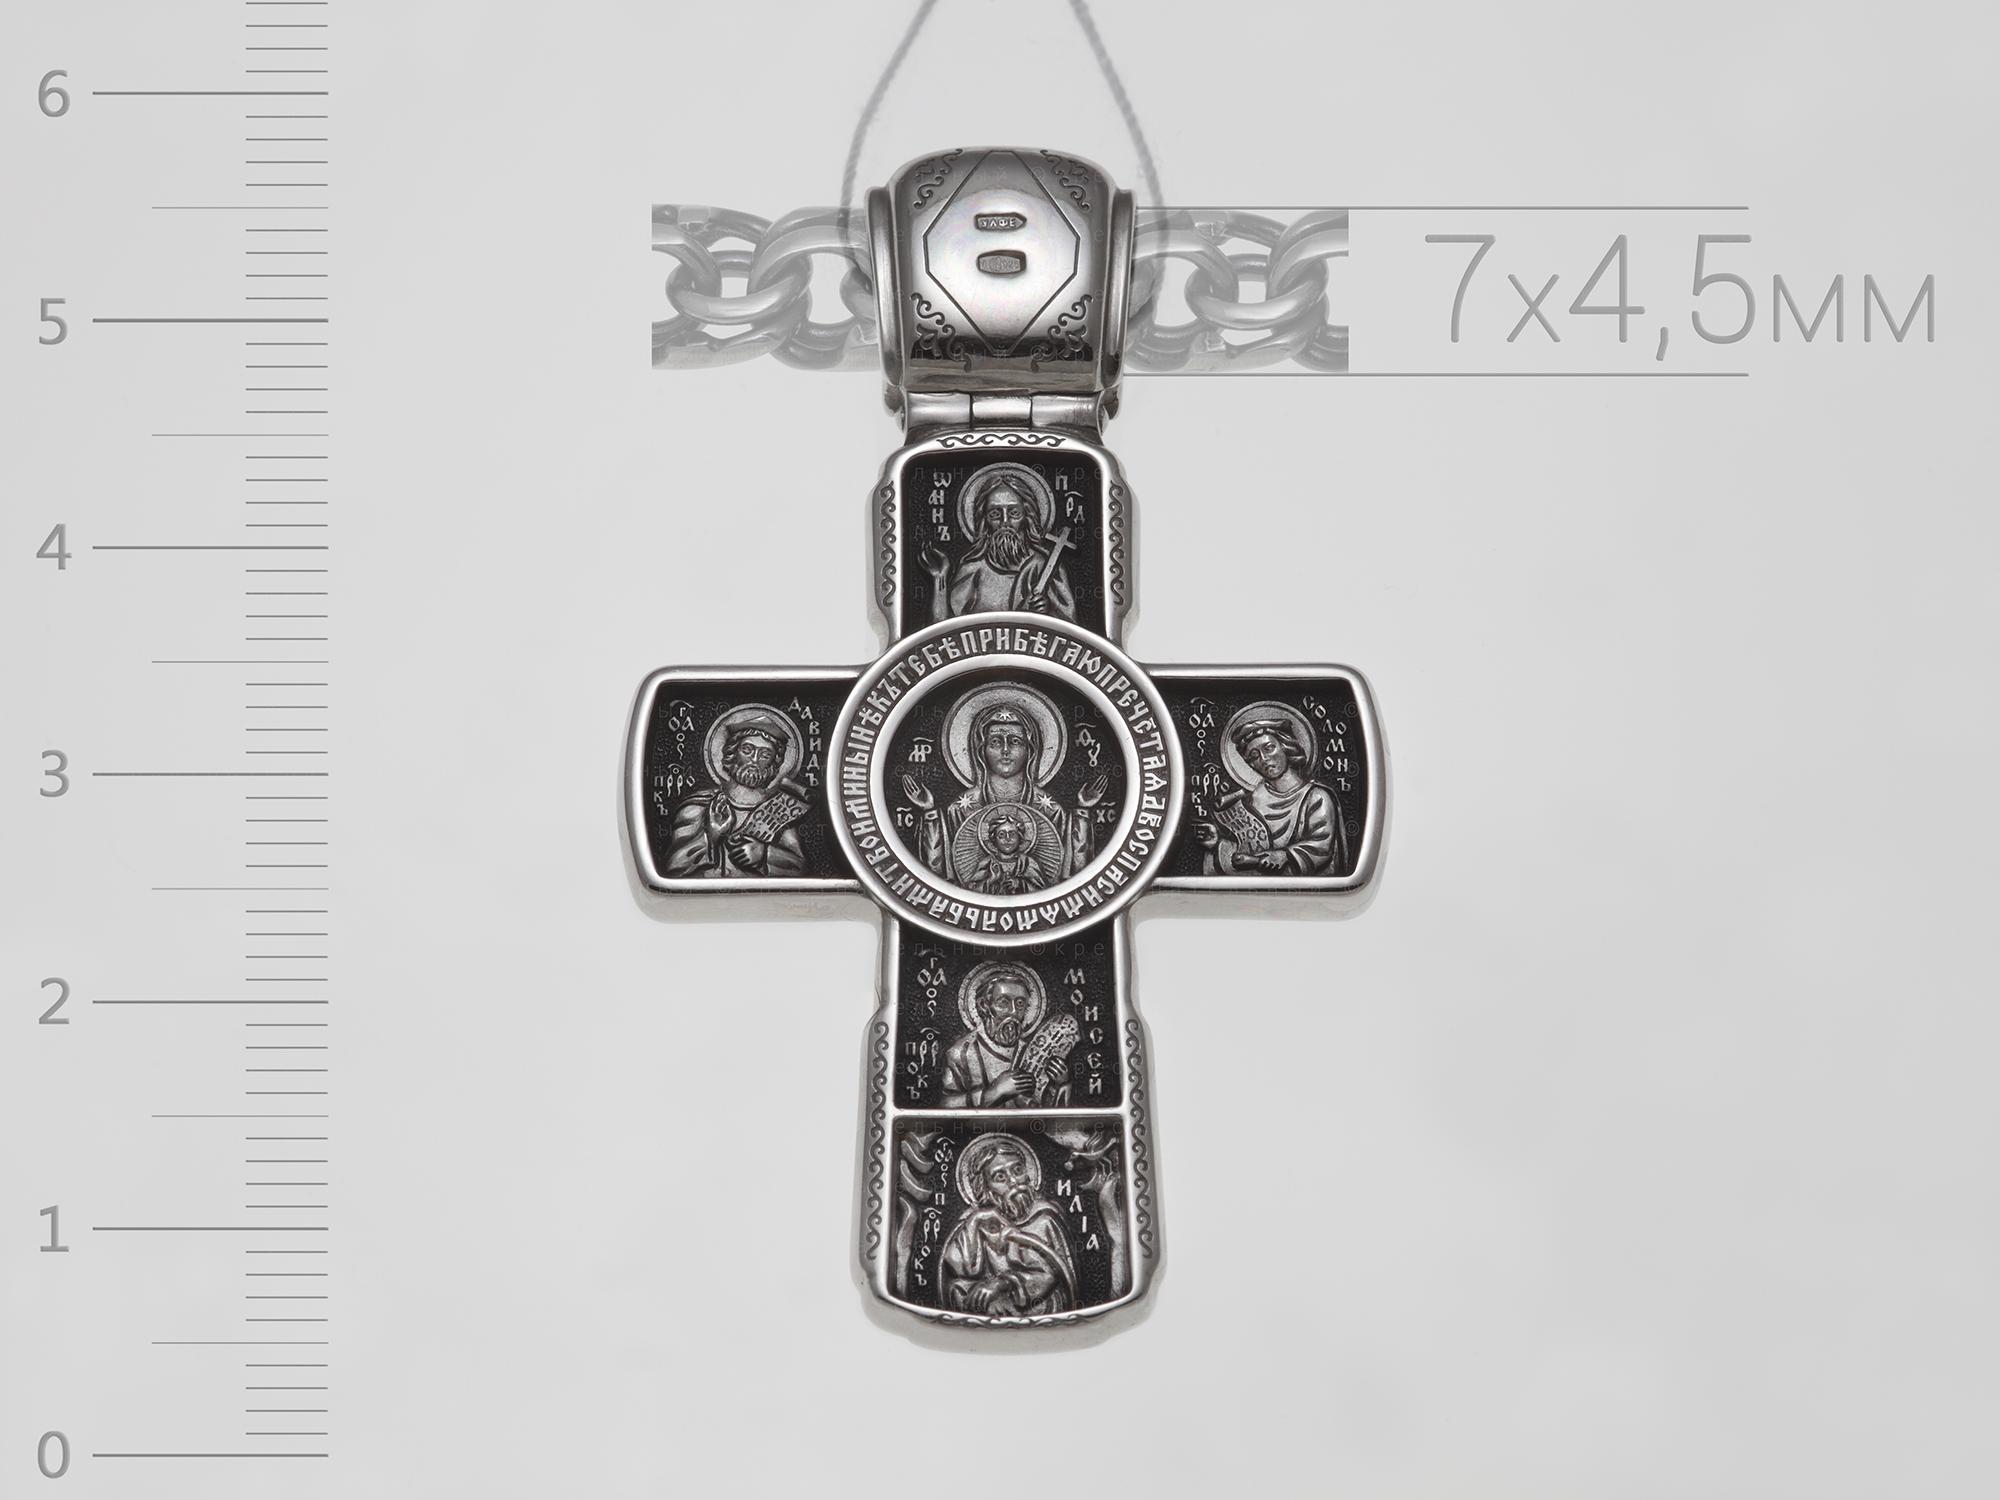 38179. Распятие Христово с предстоящими. Спас Нерукотворный. Апостол Петр. Икона Божией Матери Знамение с пророками. Православный крест.